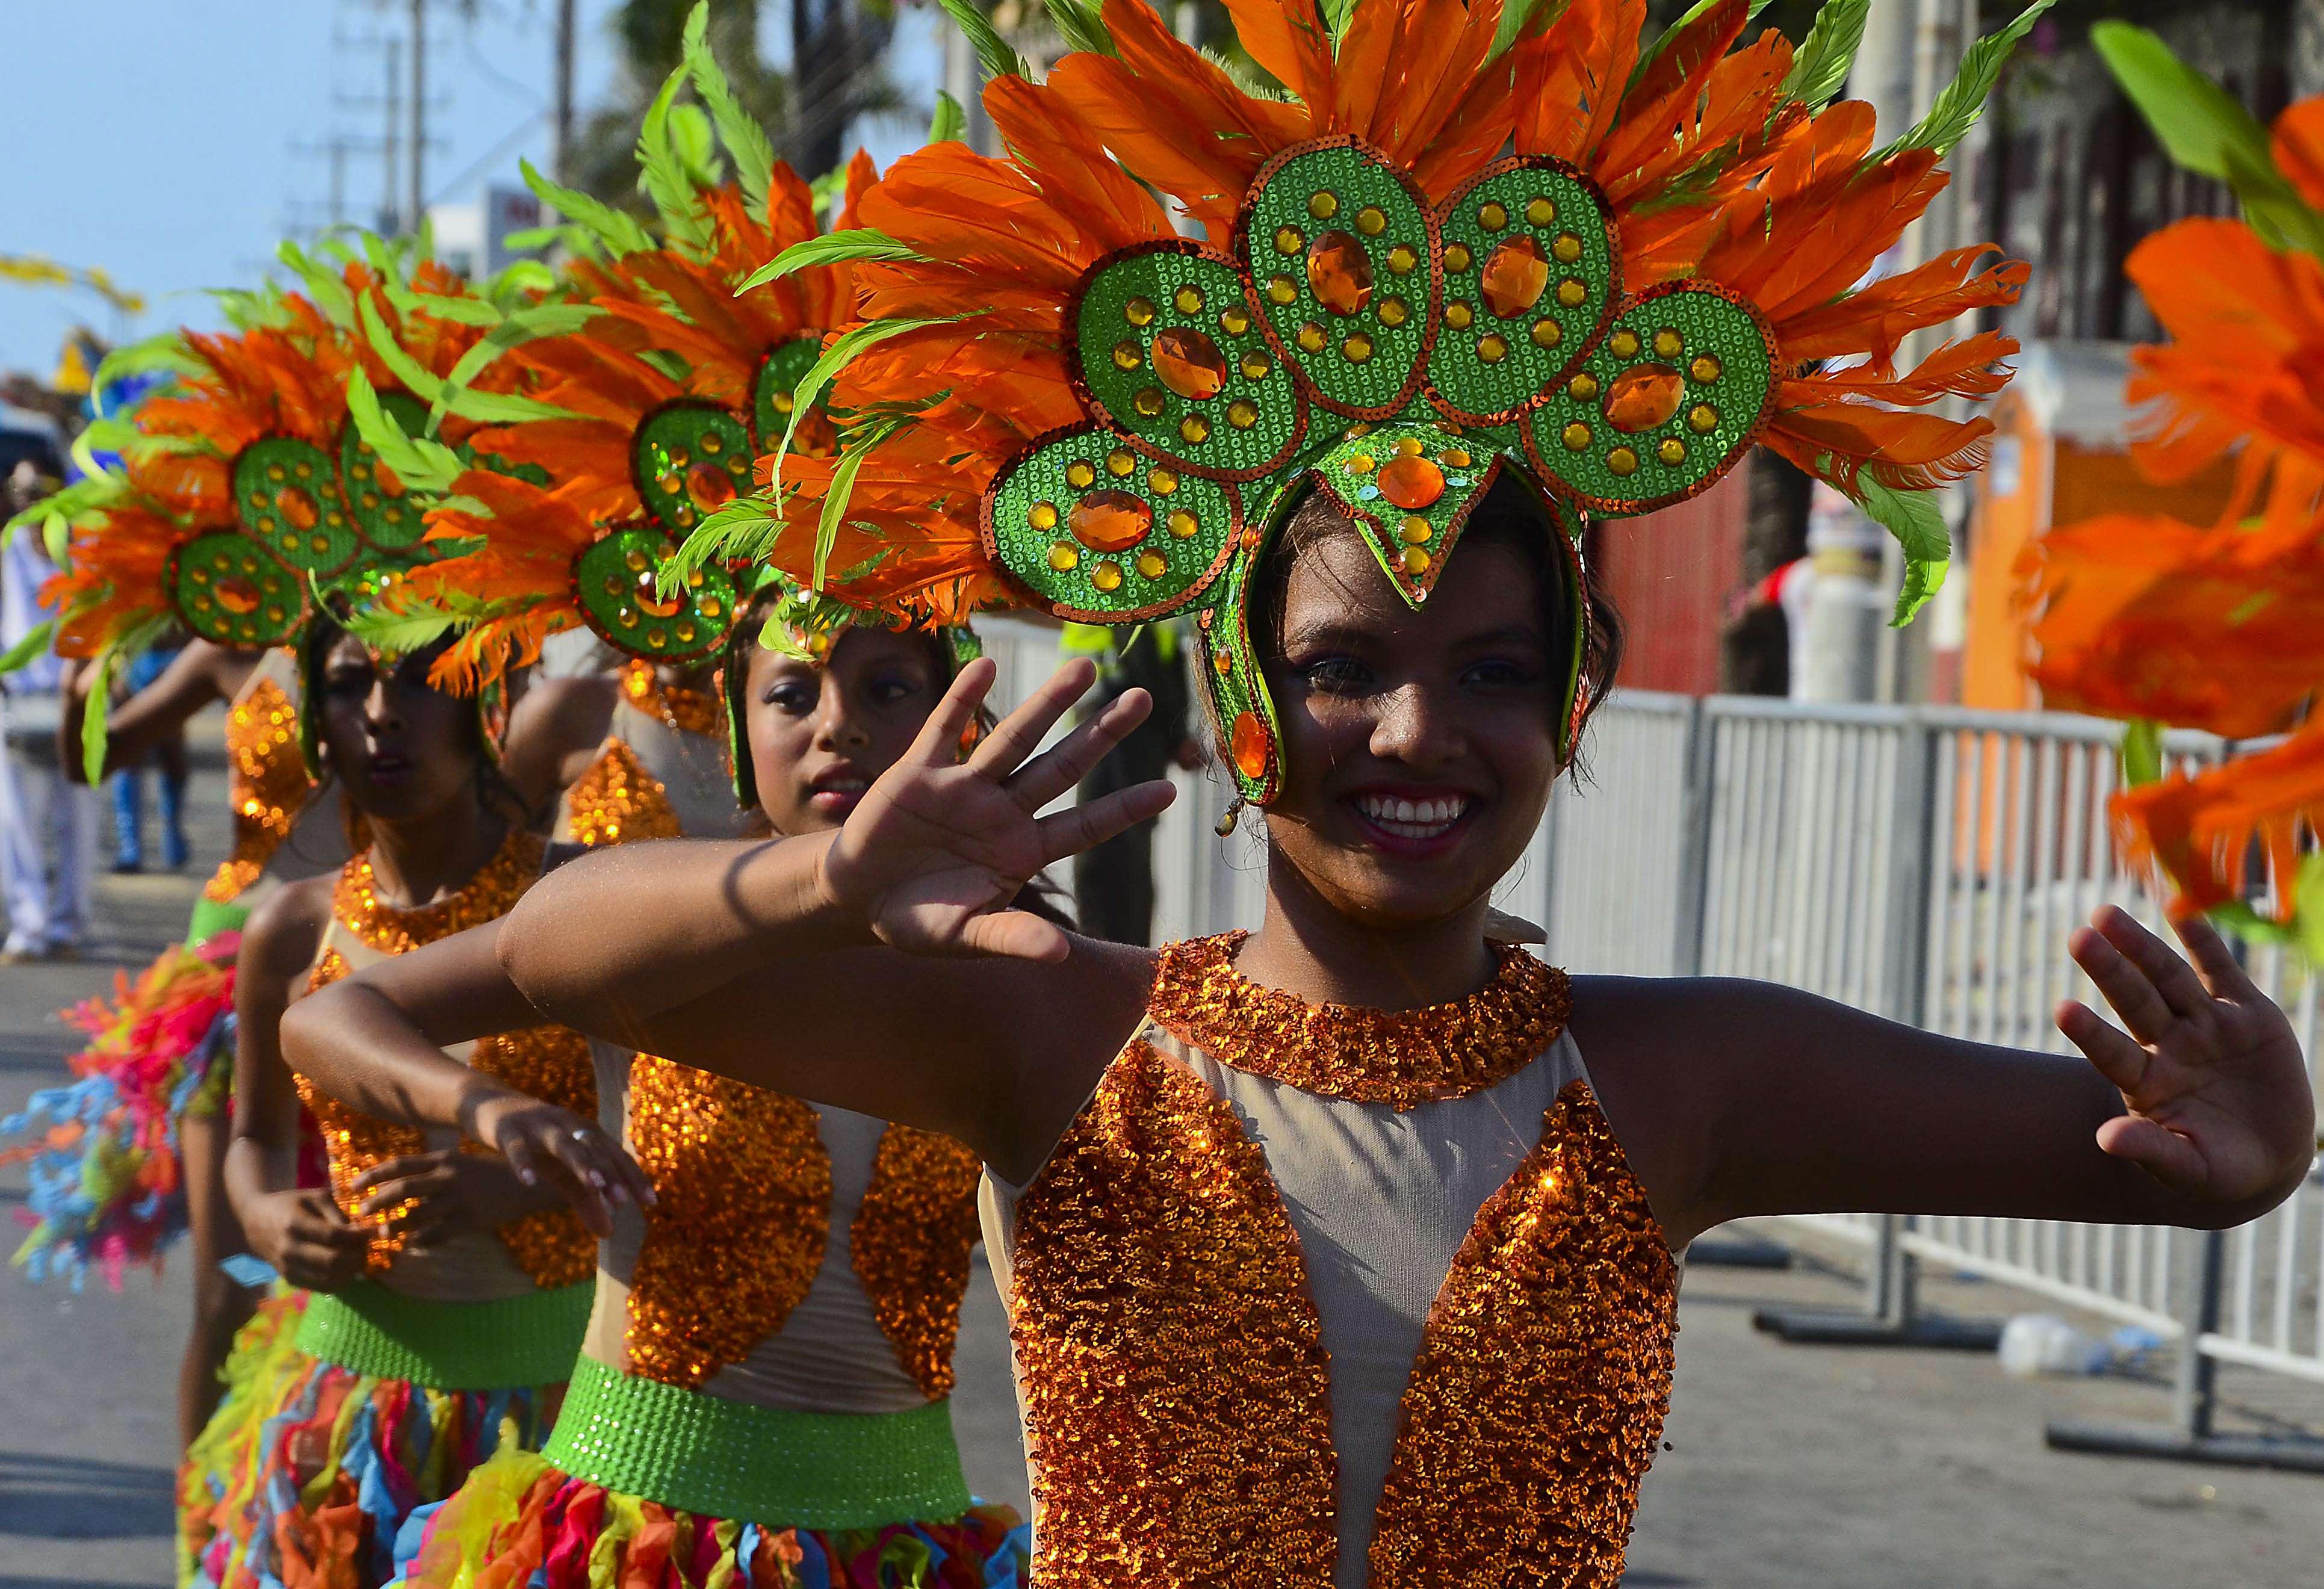 El Carnaval de Barranquilla llega a su último día